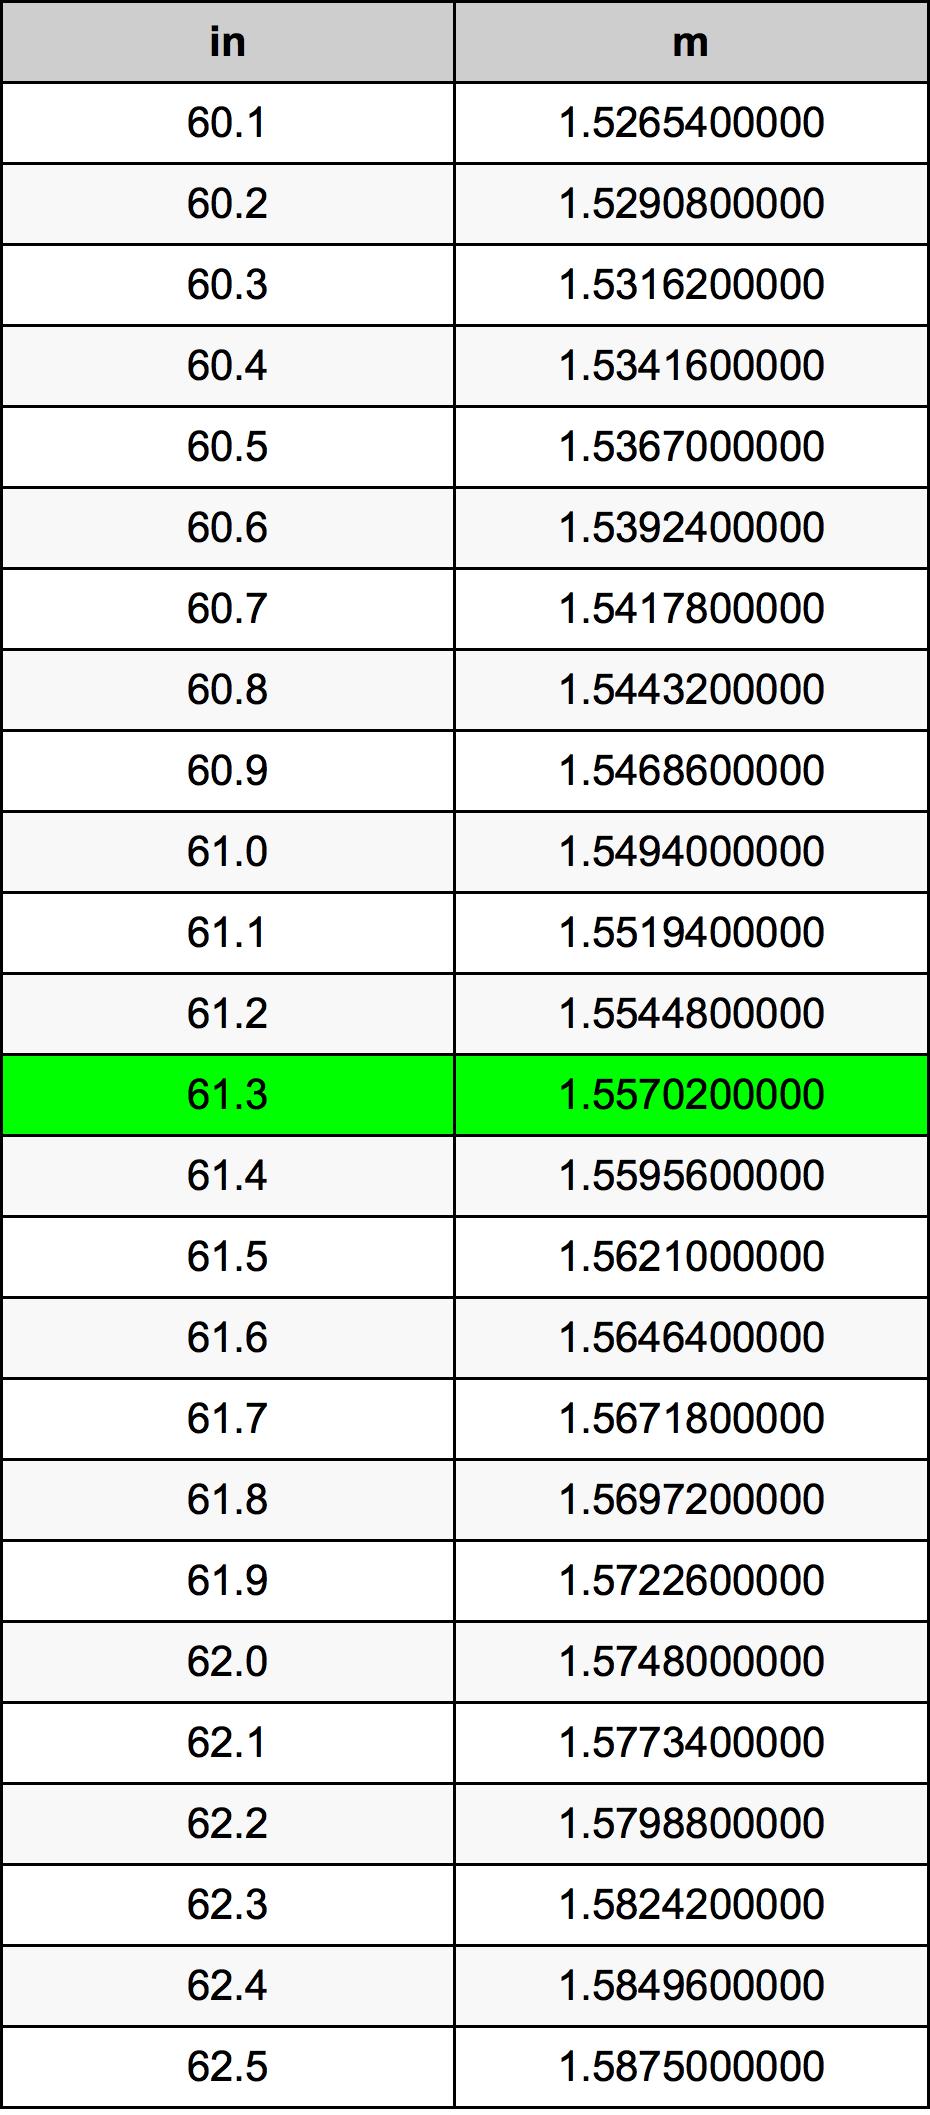 61.3 بوصة جدول تحويل